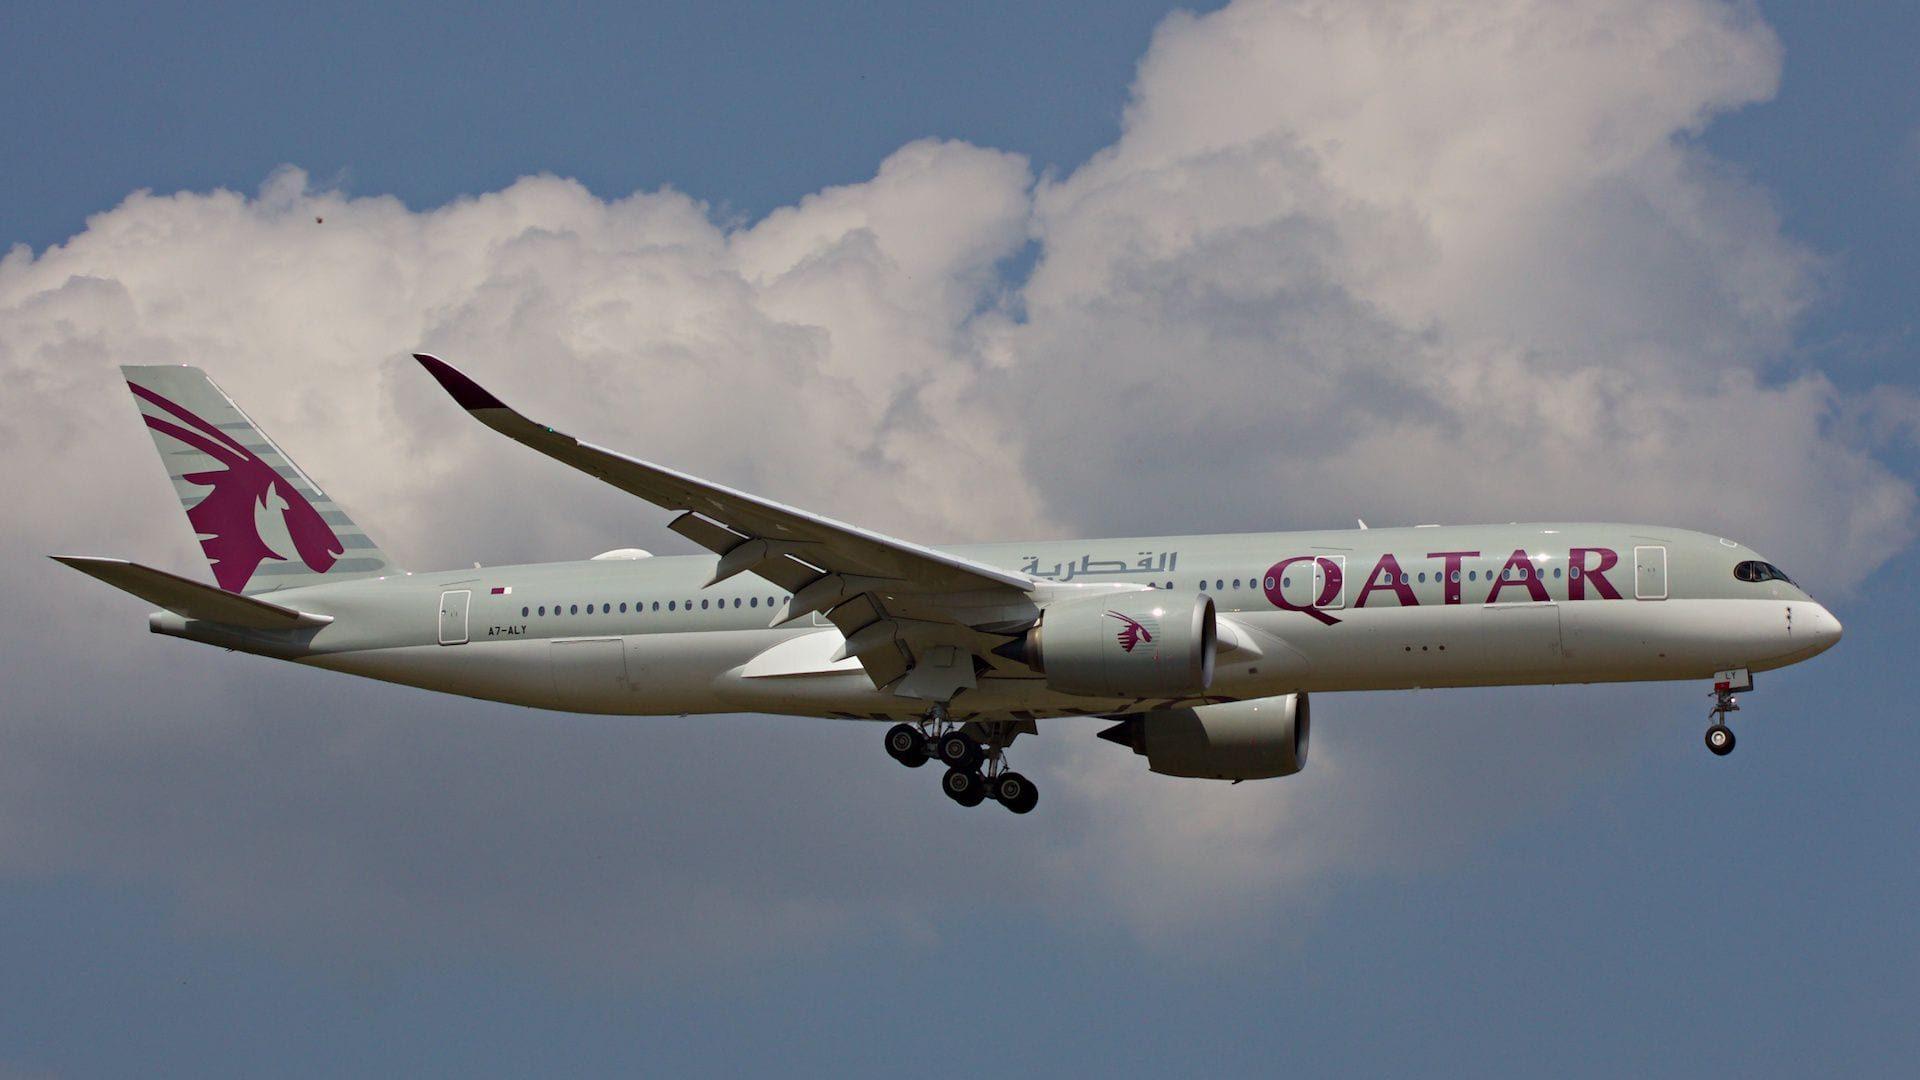 Qatar-Airways-fliegt-wieder-nach-Abu-Dhabi-und-Dubai